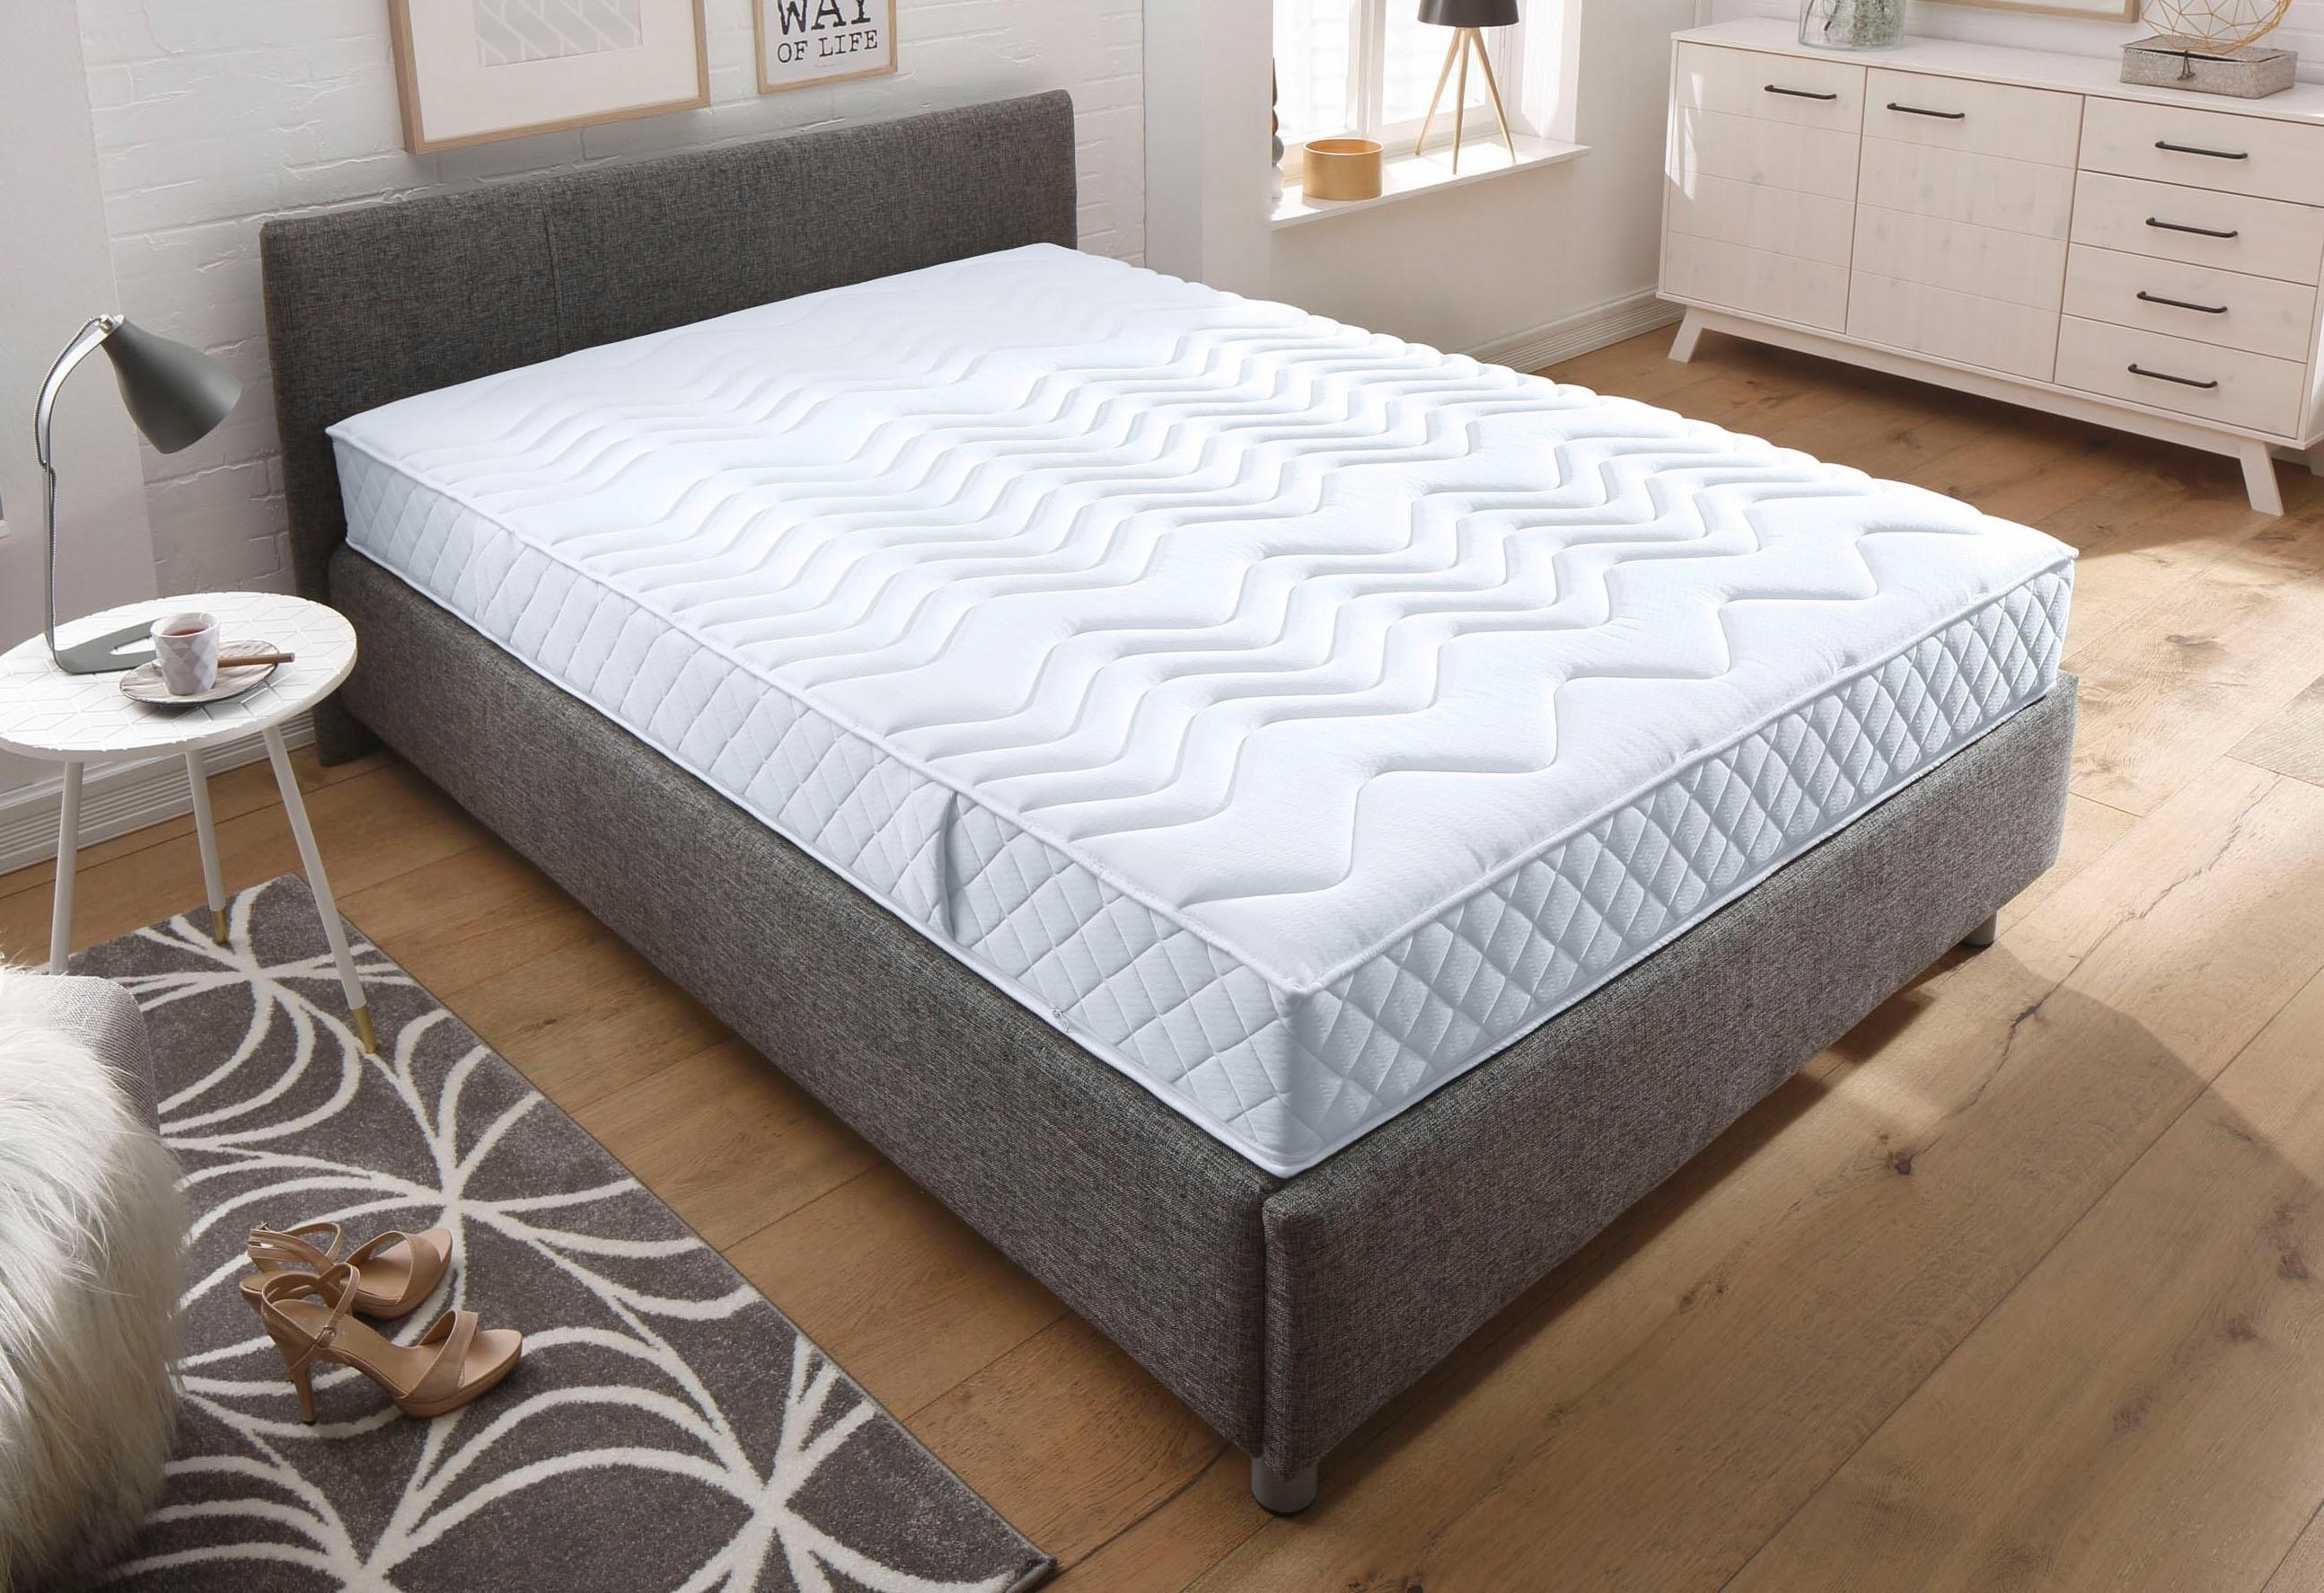 Schlaf-gut Comfortschuimmatras, »Prestige 23 S - Komfort«, 23 cm dik, dichtheid: 30 - gratis ruilen op otto.nl